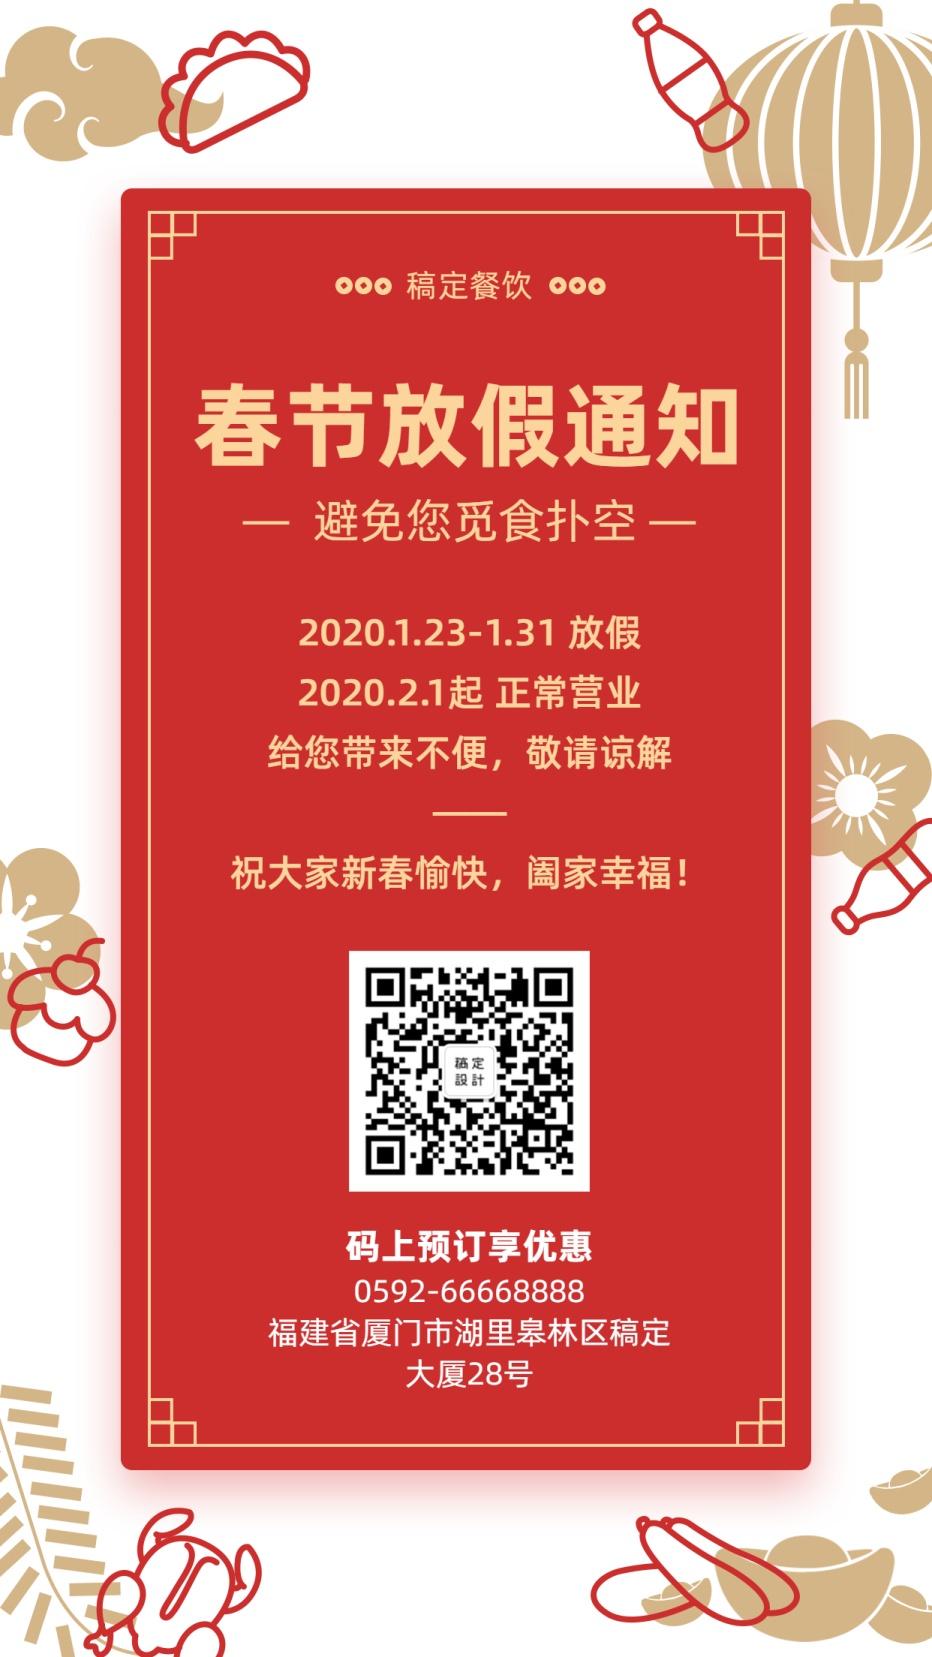 春节放假通知/餐饮美食/中国风喜庆/手机海报